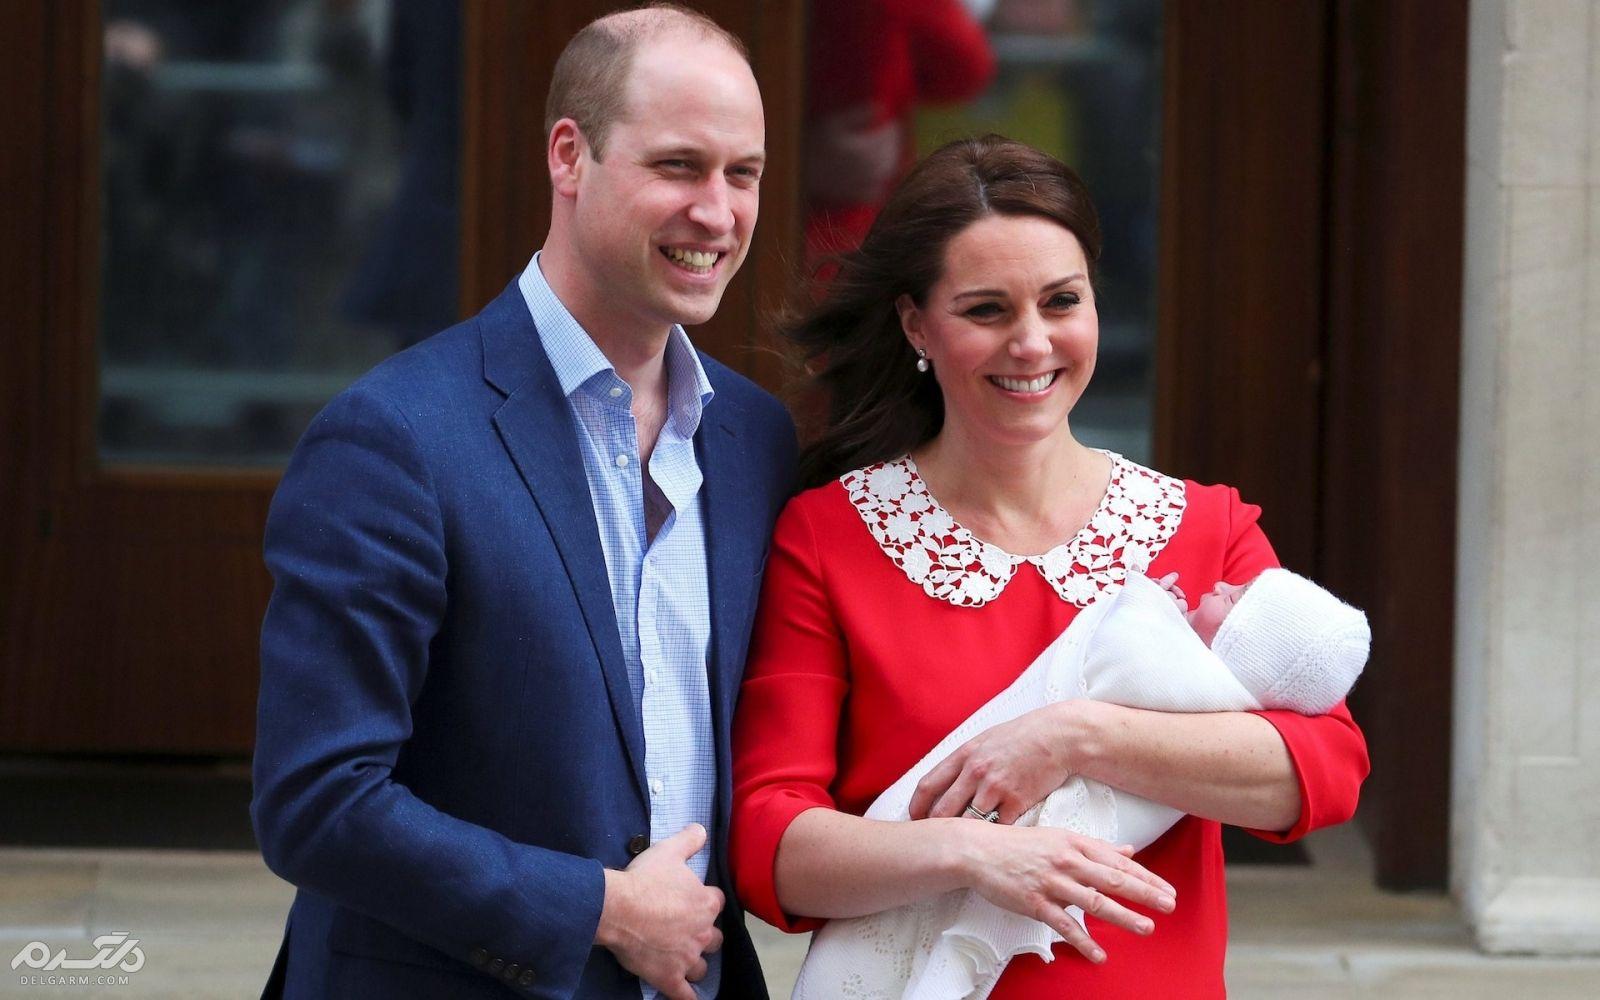 تصاویر و حواشی تولد فرزند سوم پرنس ویلیام و همسرش کیت میدلتون (نوه سوم ملکه انگلستان)